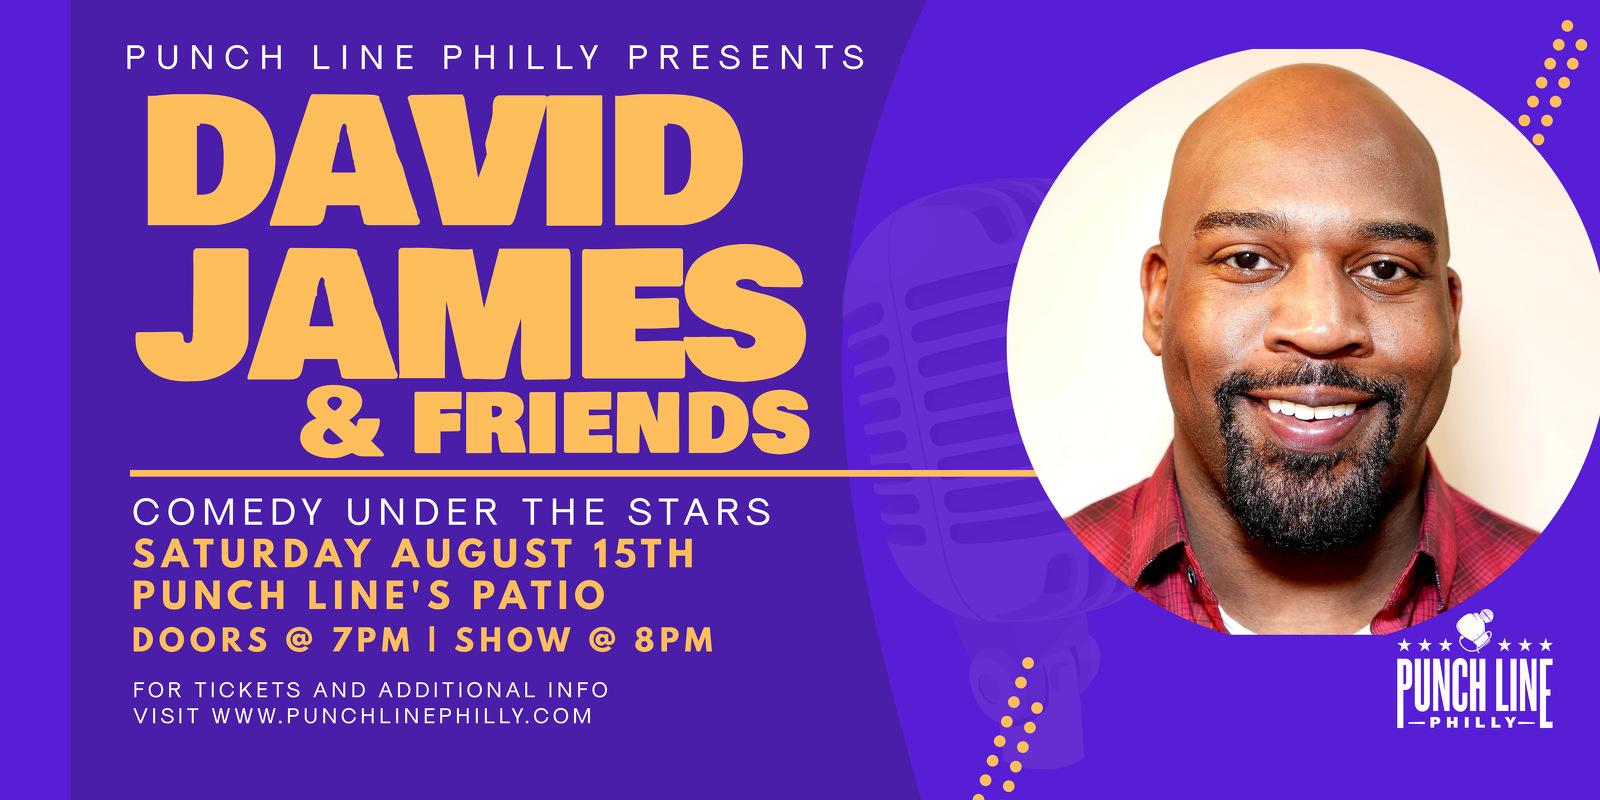 David James & Friends